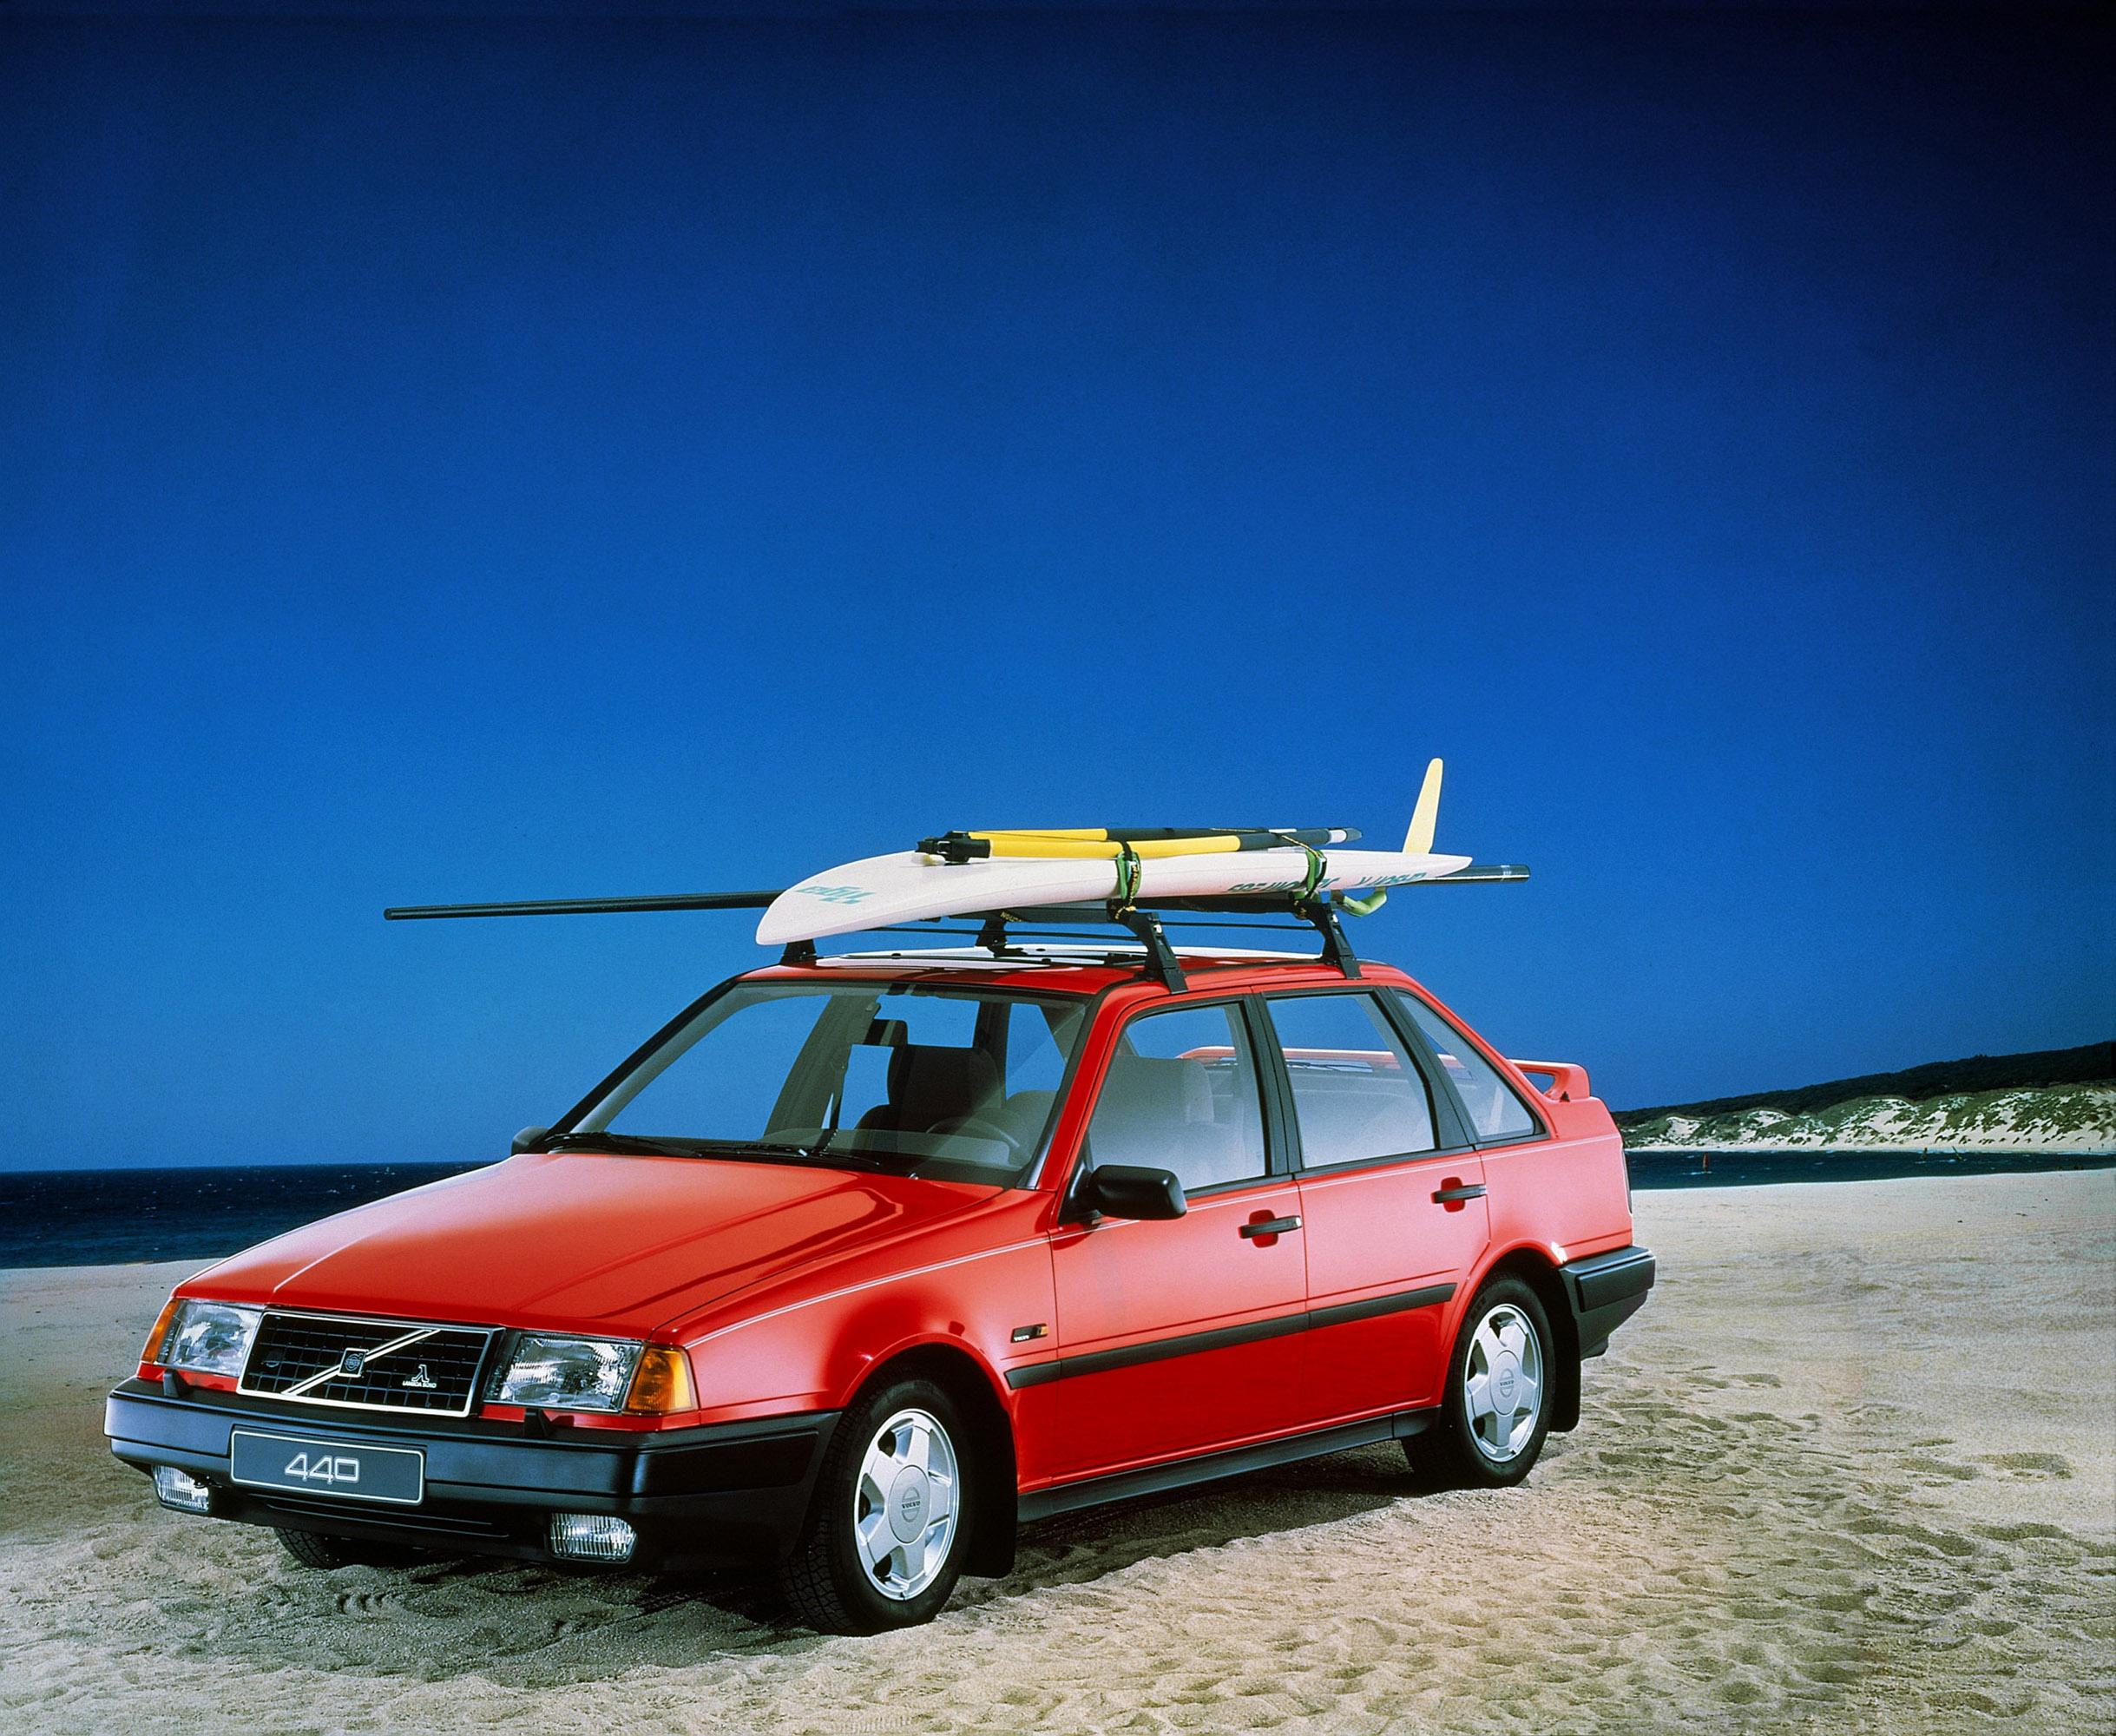 1988 volvo 440 hd pictures   carsinvasion com Repair Manuals Car Owners Manual